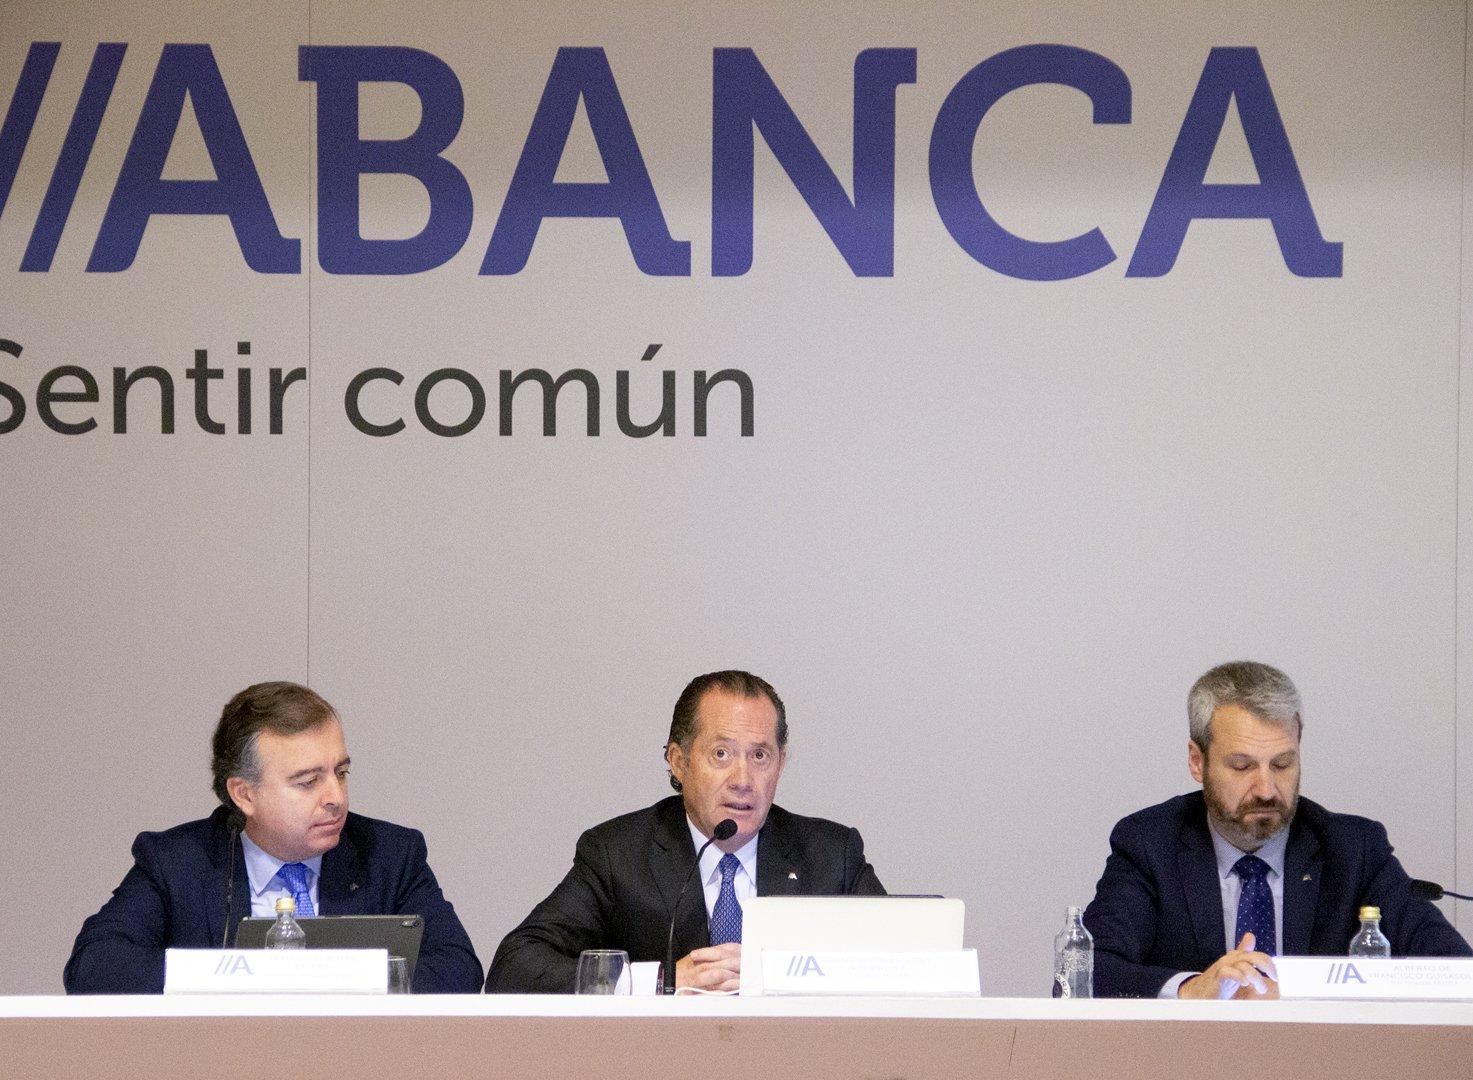 Juan Carlos Escotet (centro), flanqueado por el CEO, Francisco Botas (izquierda) y por el director Financiero, Alberto de Francisco (derecha)